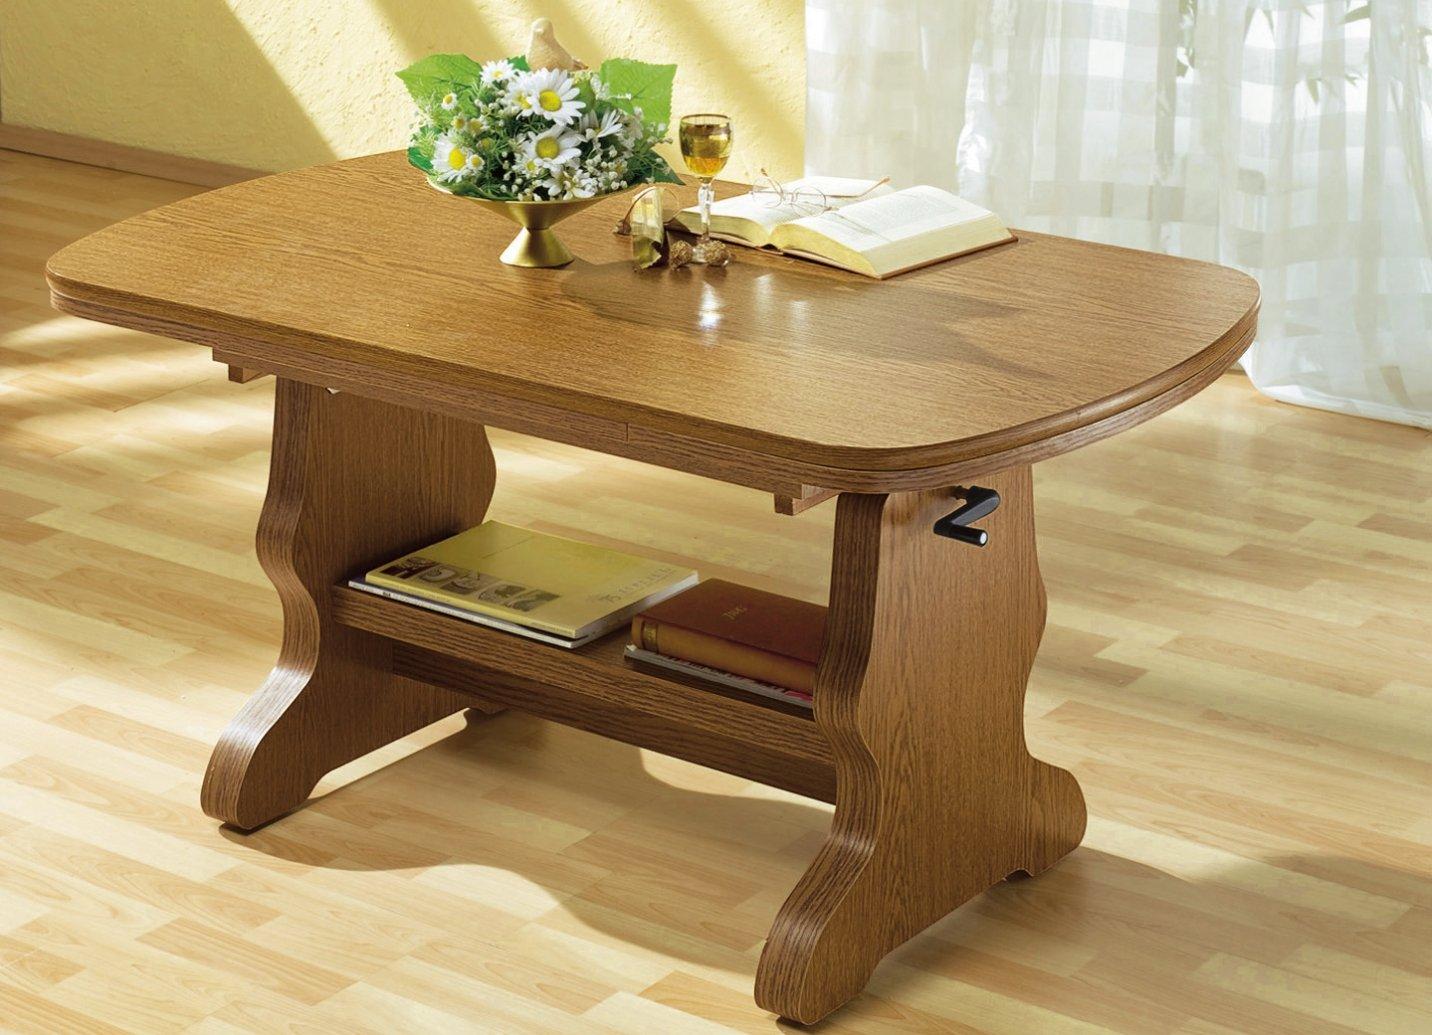 couchtisch eiche rustikal feste platte tisch beistelltisch. Black Bedroom Furniture Sets. Home Design Ideas